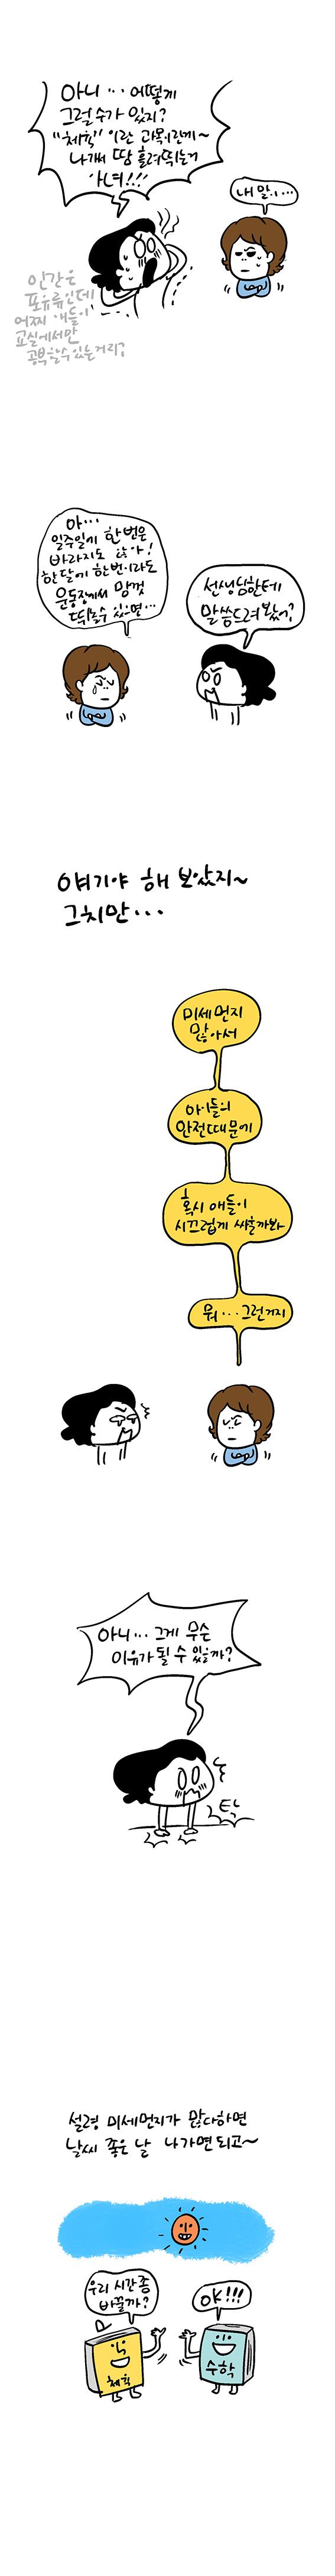 육아카툰초등학교체육수업미세먼지03.jpg